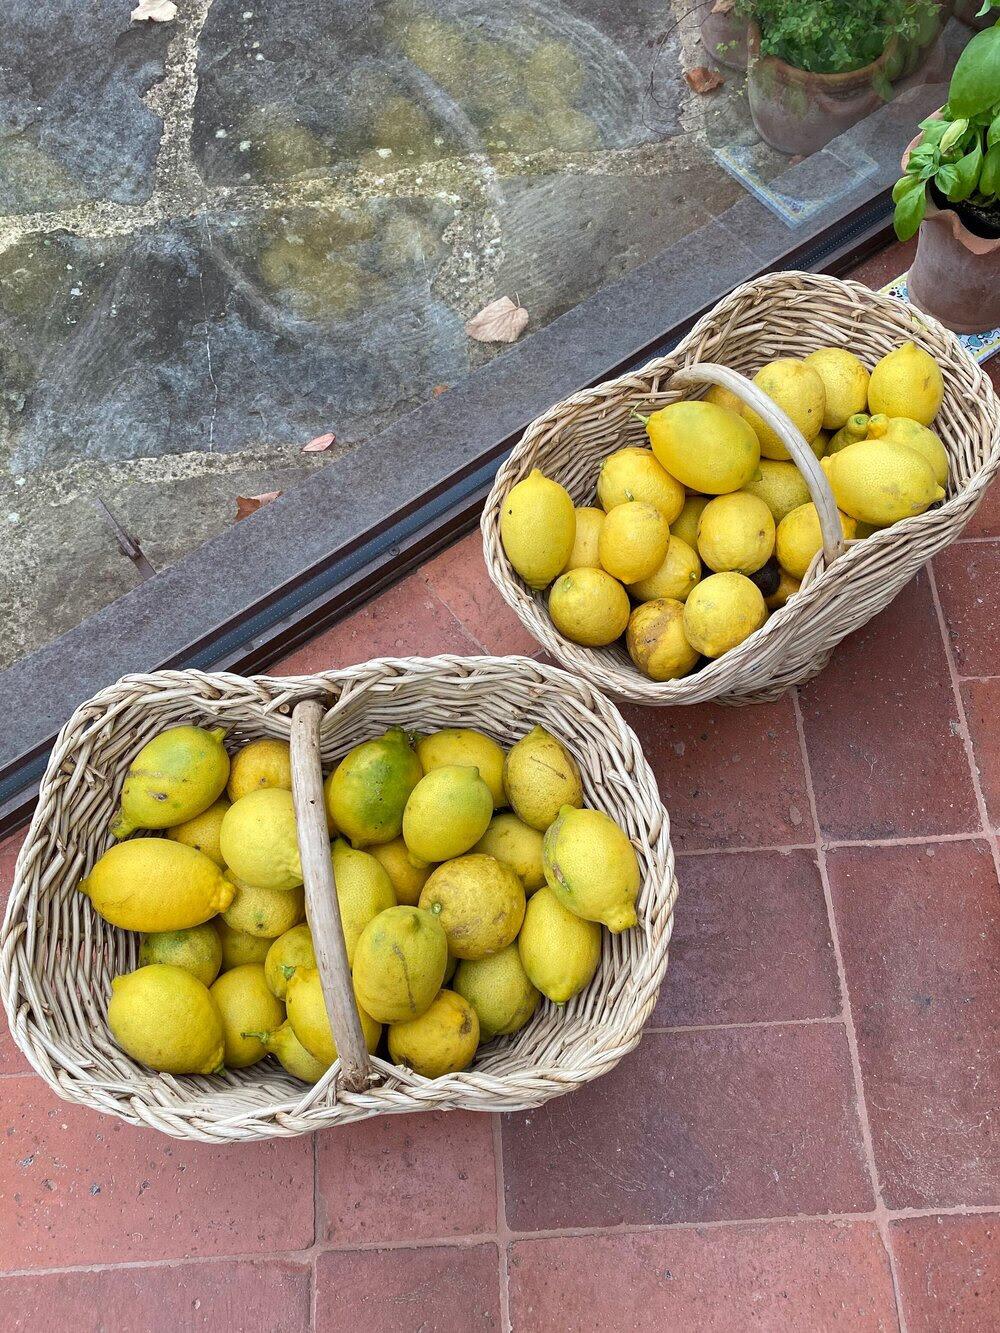 Lemons in baskets.jpg